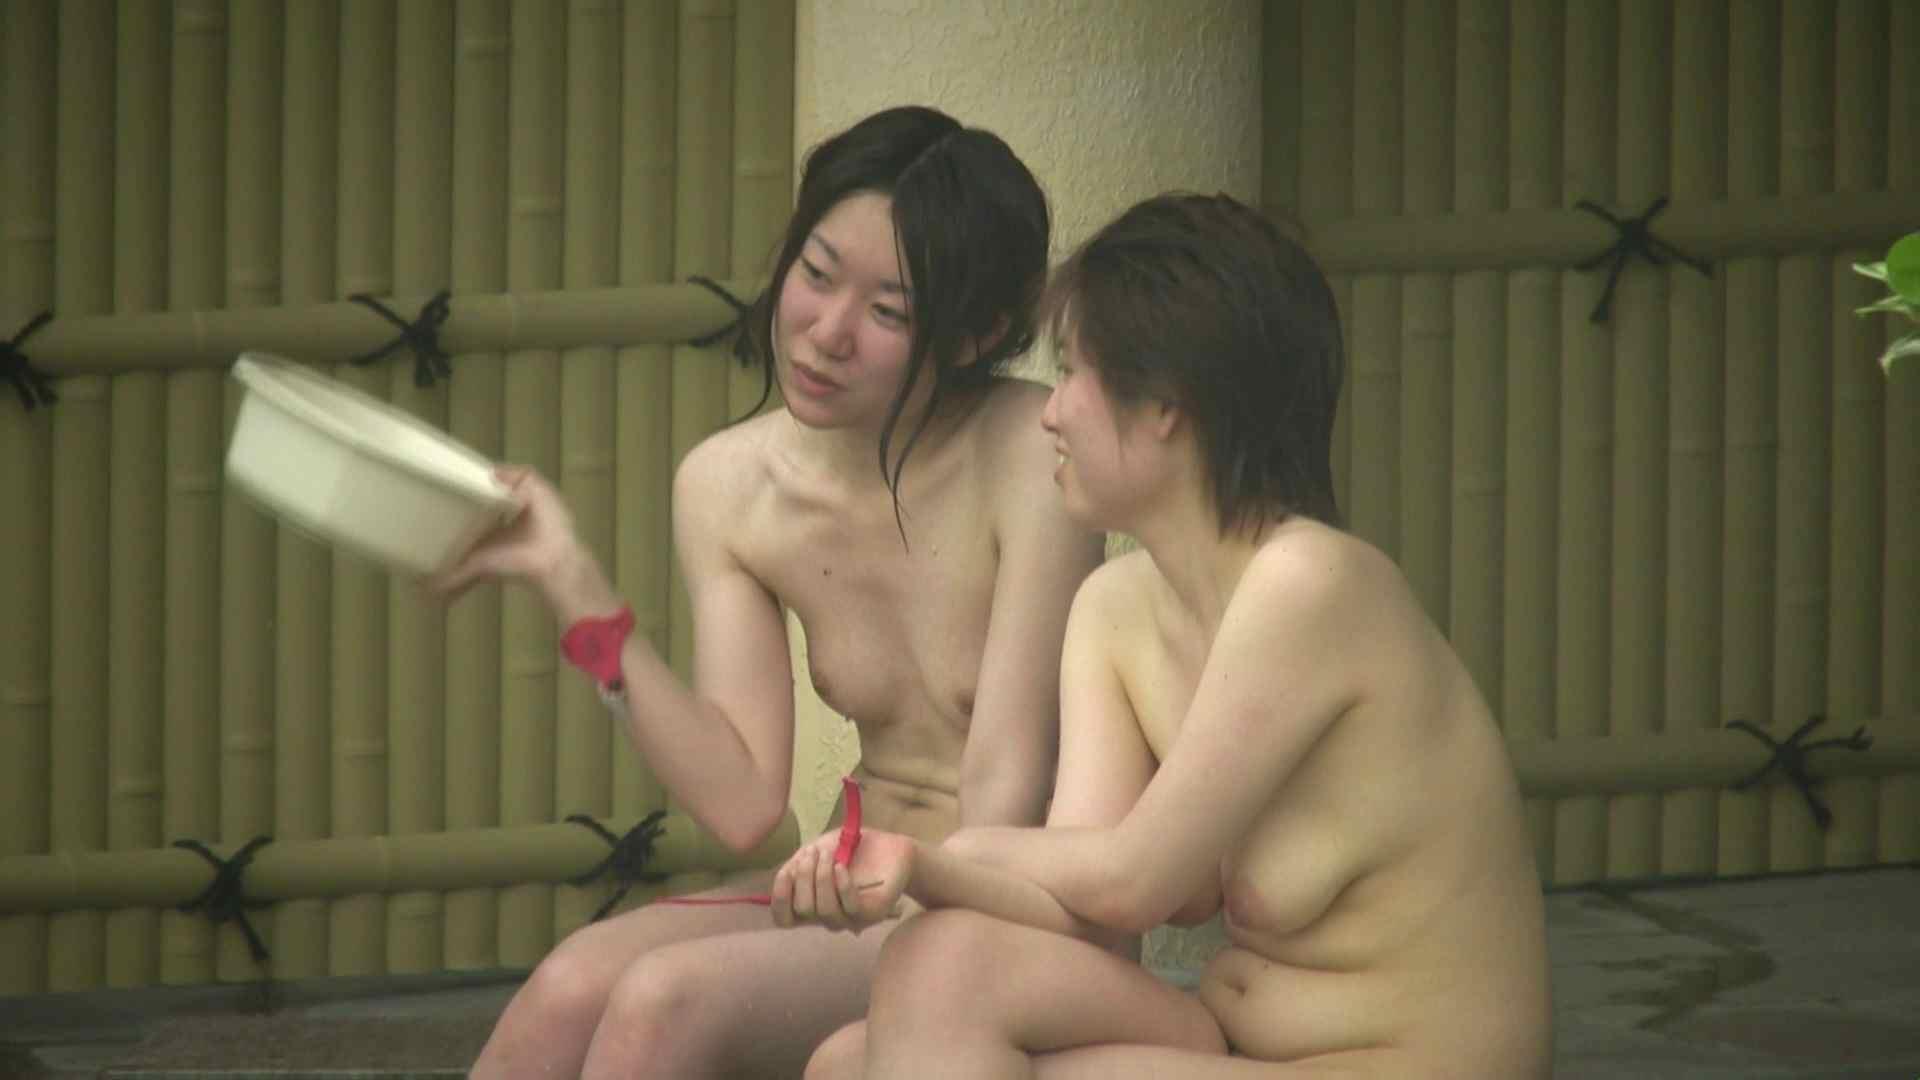 高画質露天女風呂観察 vol.025 入浴 ヌード画像 88PIX 81